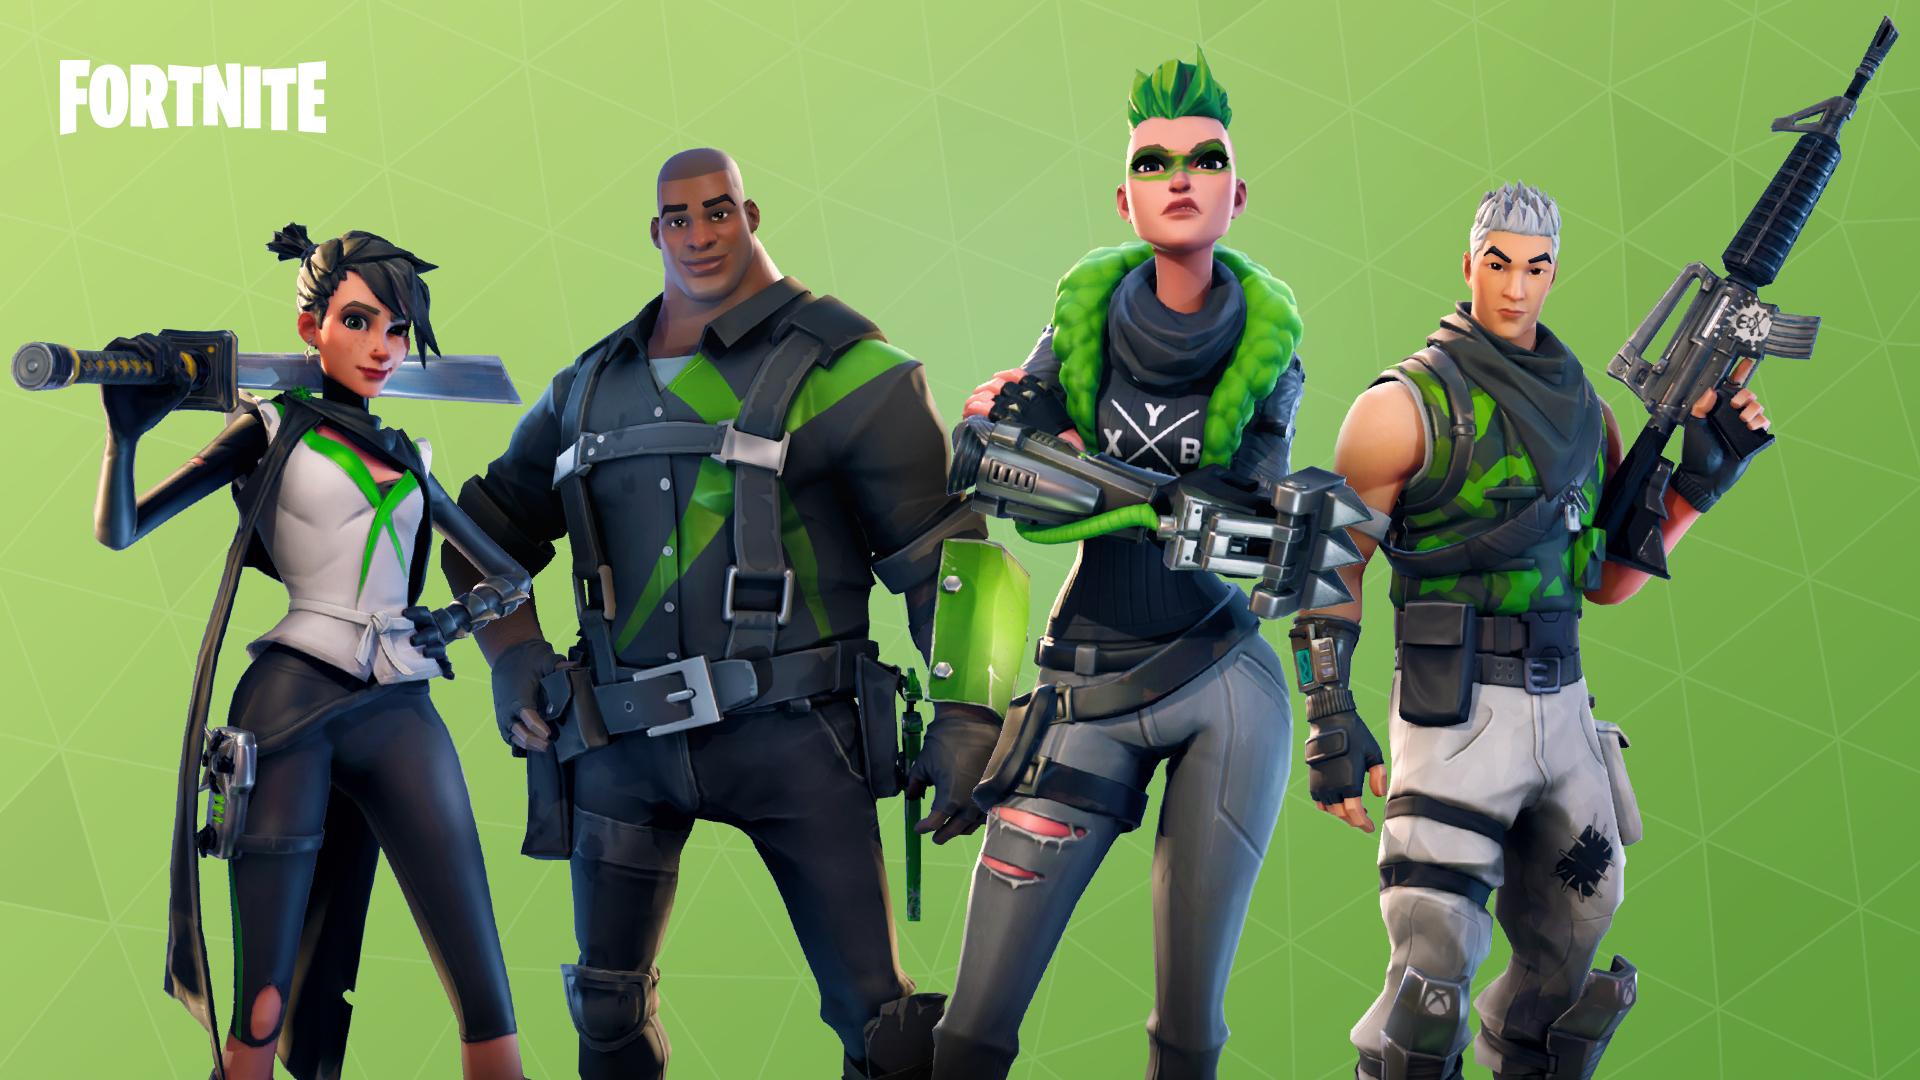 Fortnite Xbox One Helden.jpg